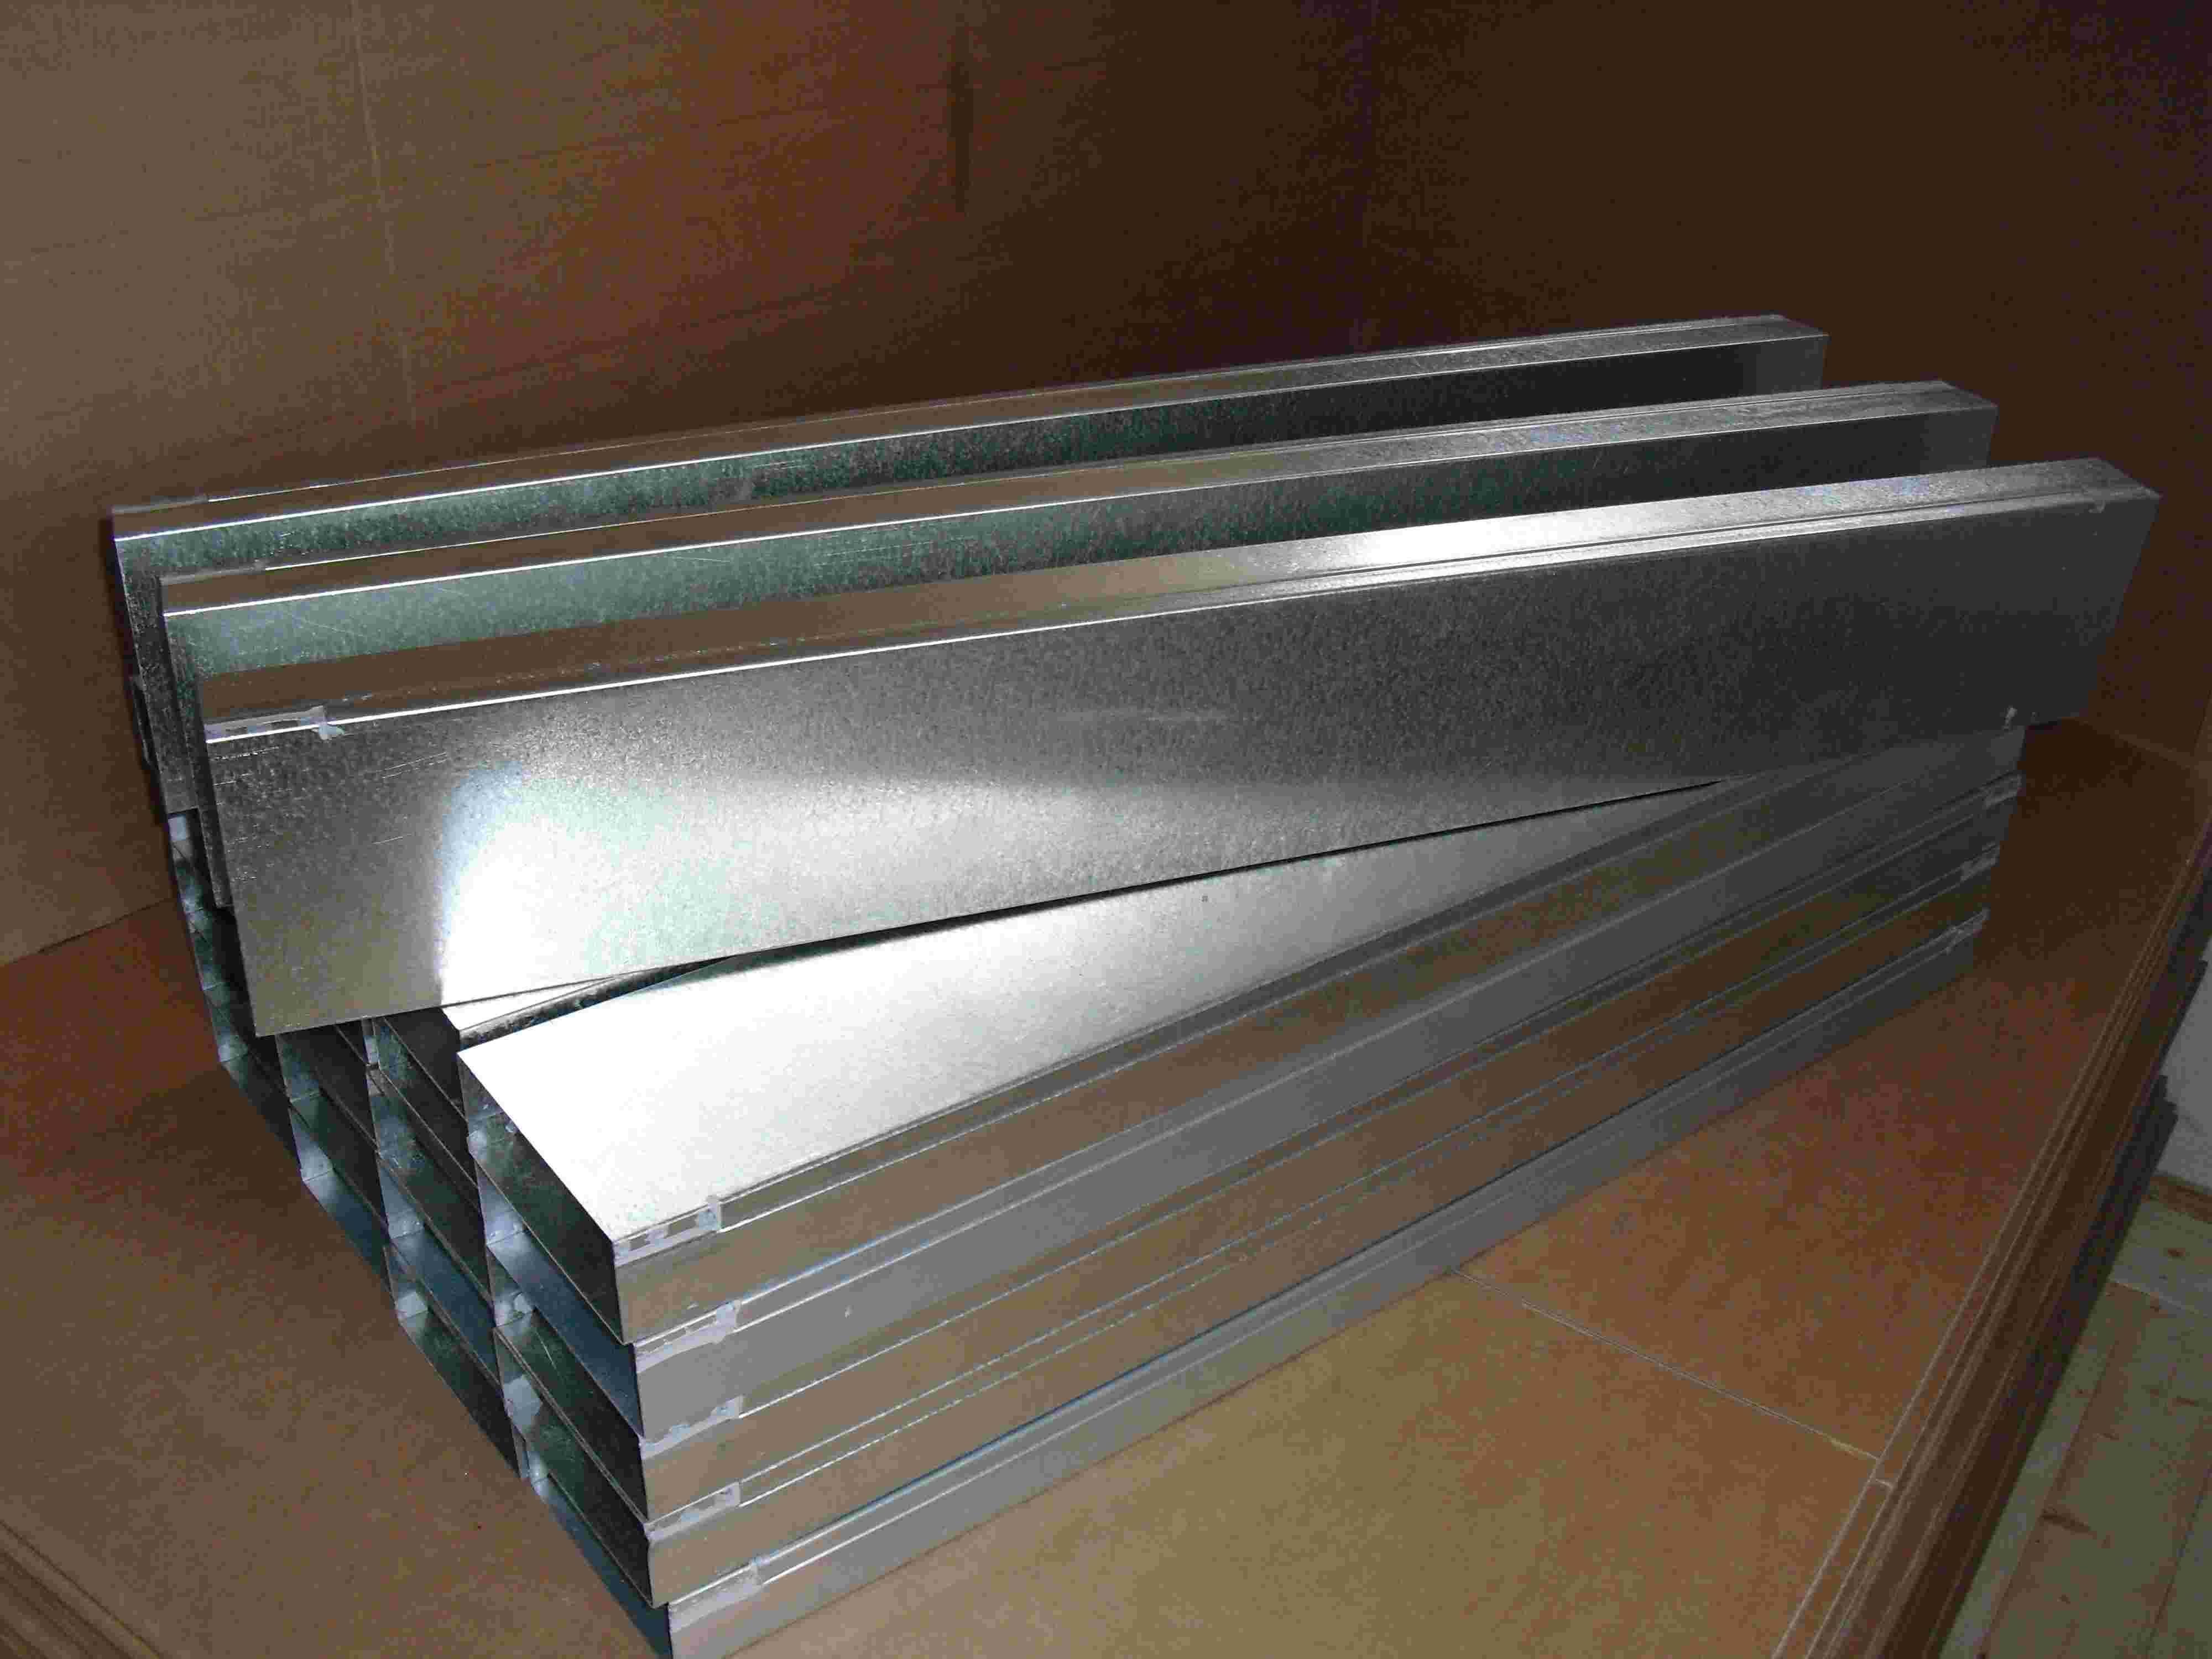 Flachkanal Stahl verzinkt Edelstahl Wohnraumlüftung Dunstabzug mit Befestigungsleite